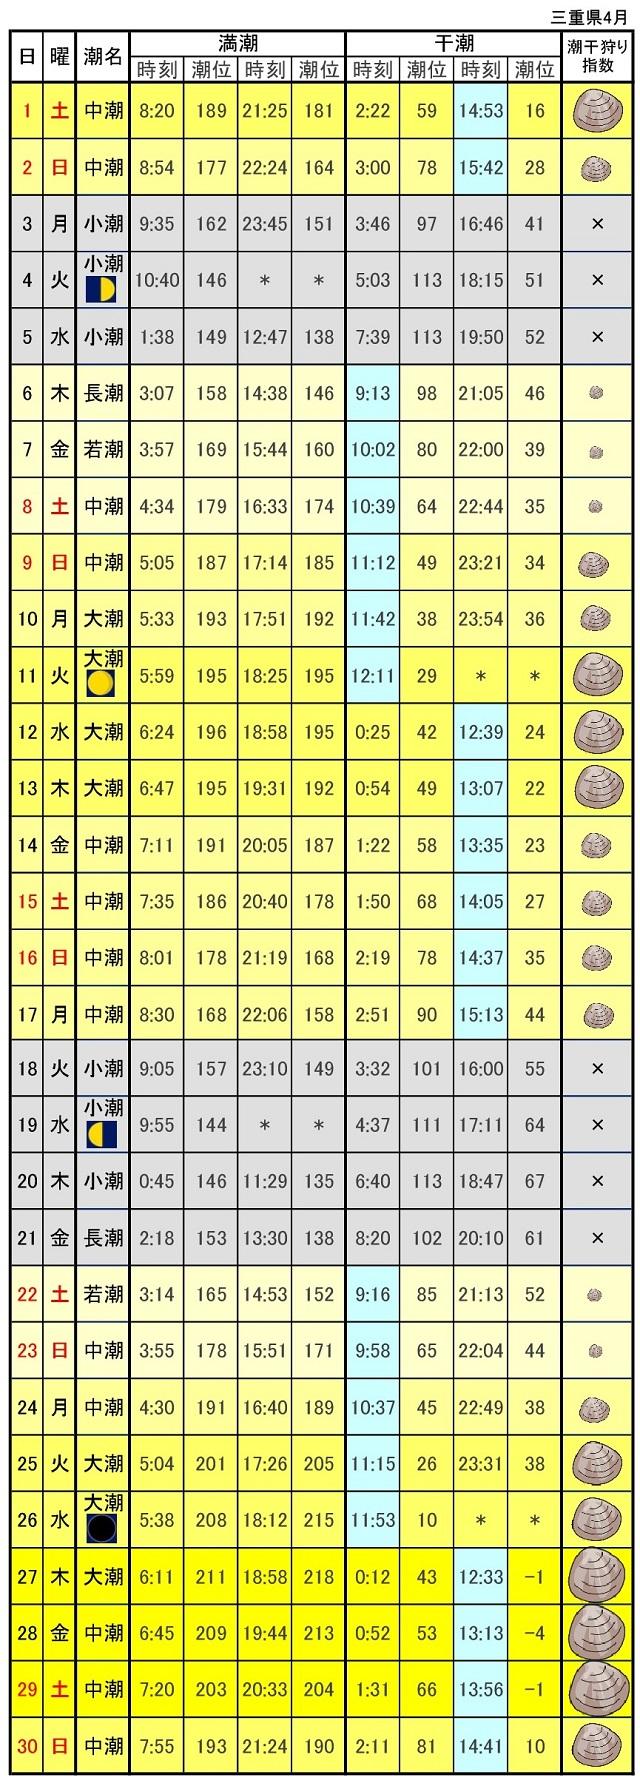 三重県潮見表潮汐表2017年4月